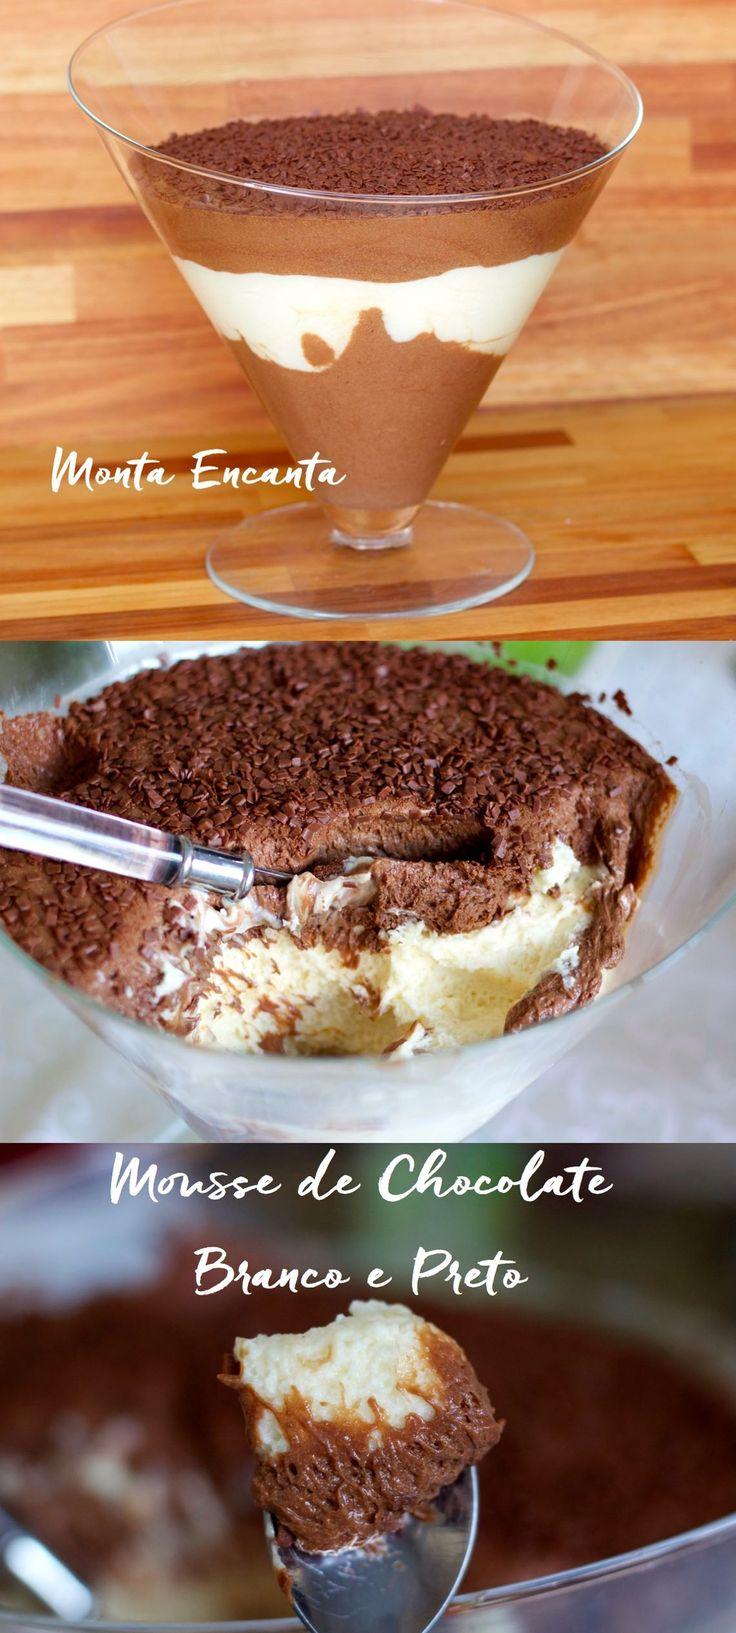 Mousse de Chocolate Preto e Branco em tamanho família! Uma sobremesa rapidinha de fazer e incrivelmente deliciosa, Mousse de Chocolate Preto e Branco, não vai ao fogo, nem ao forno. …